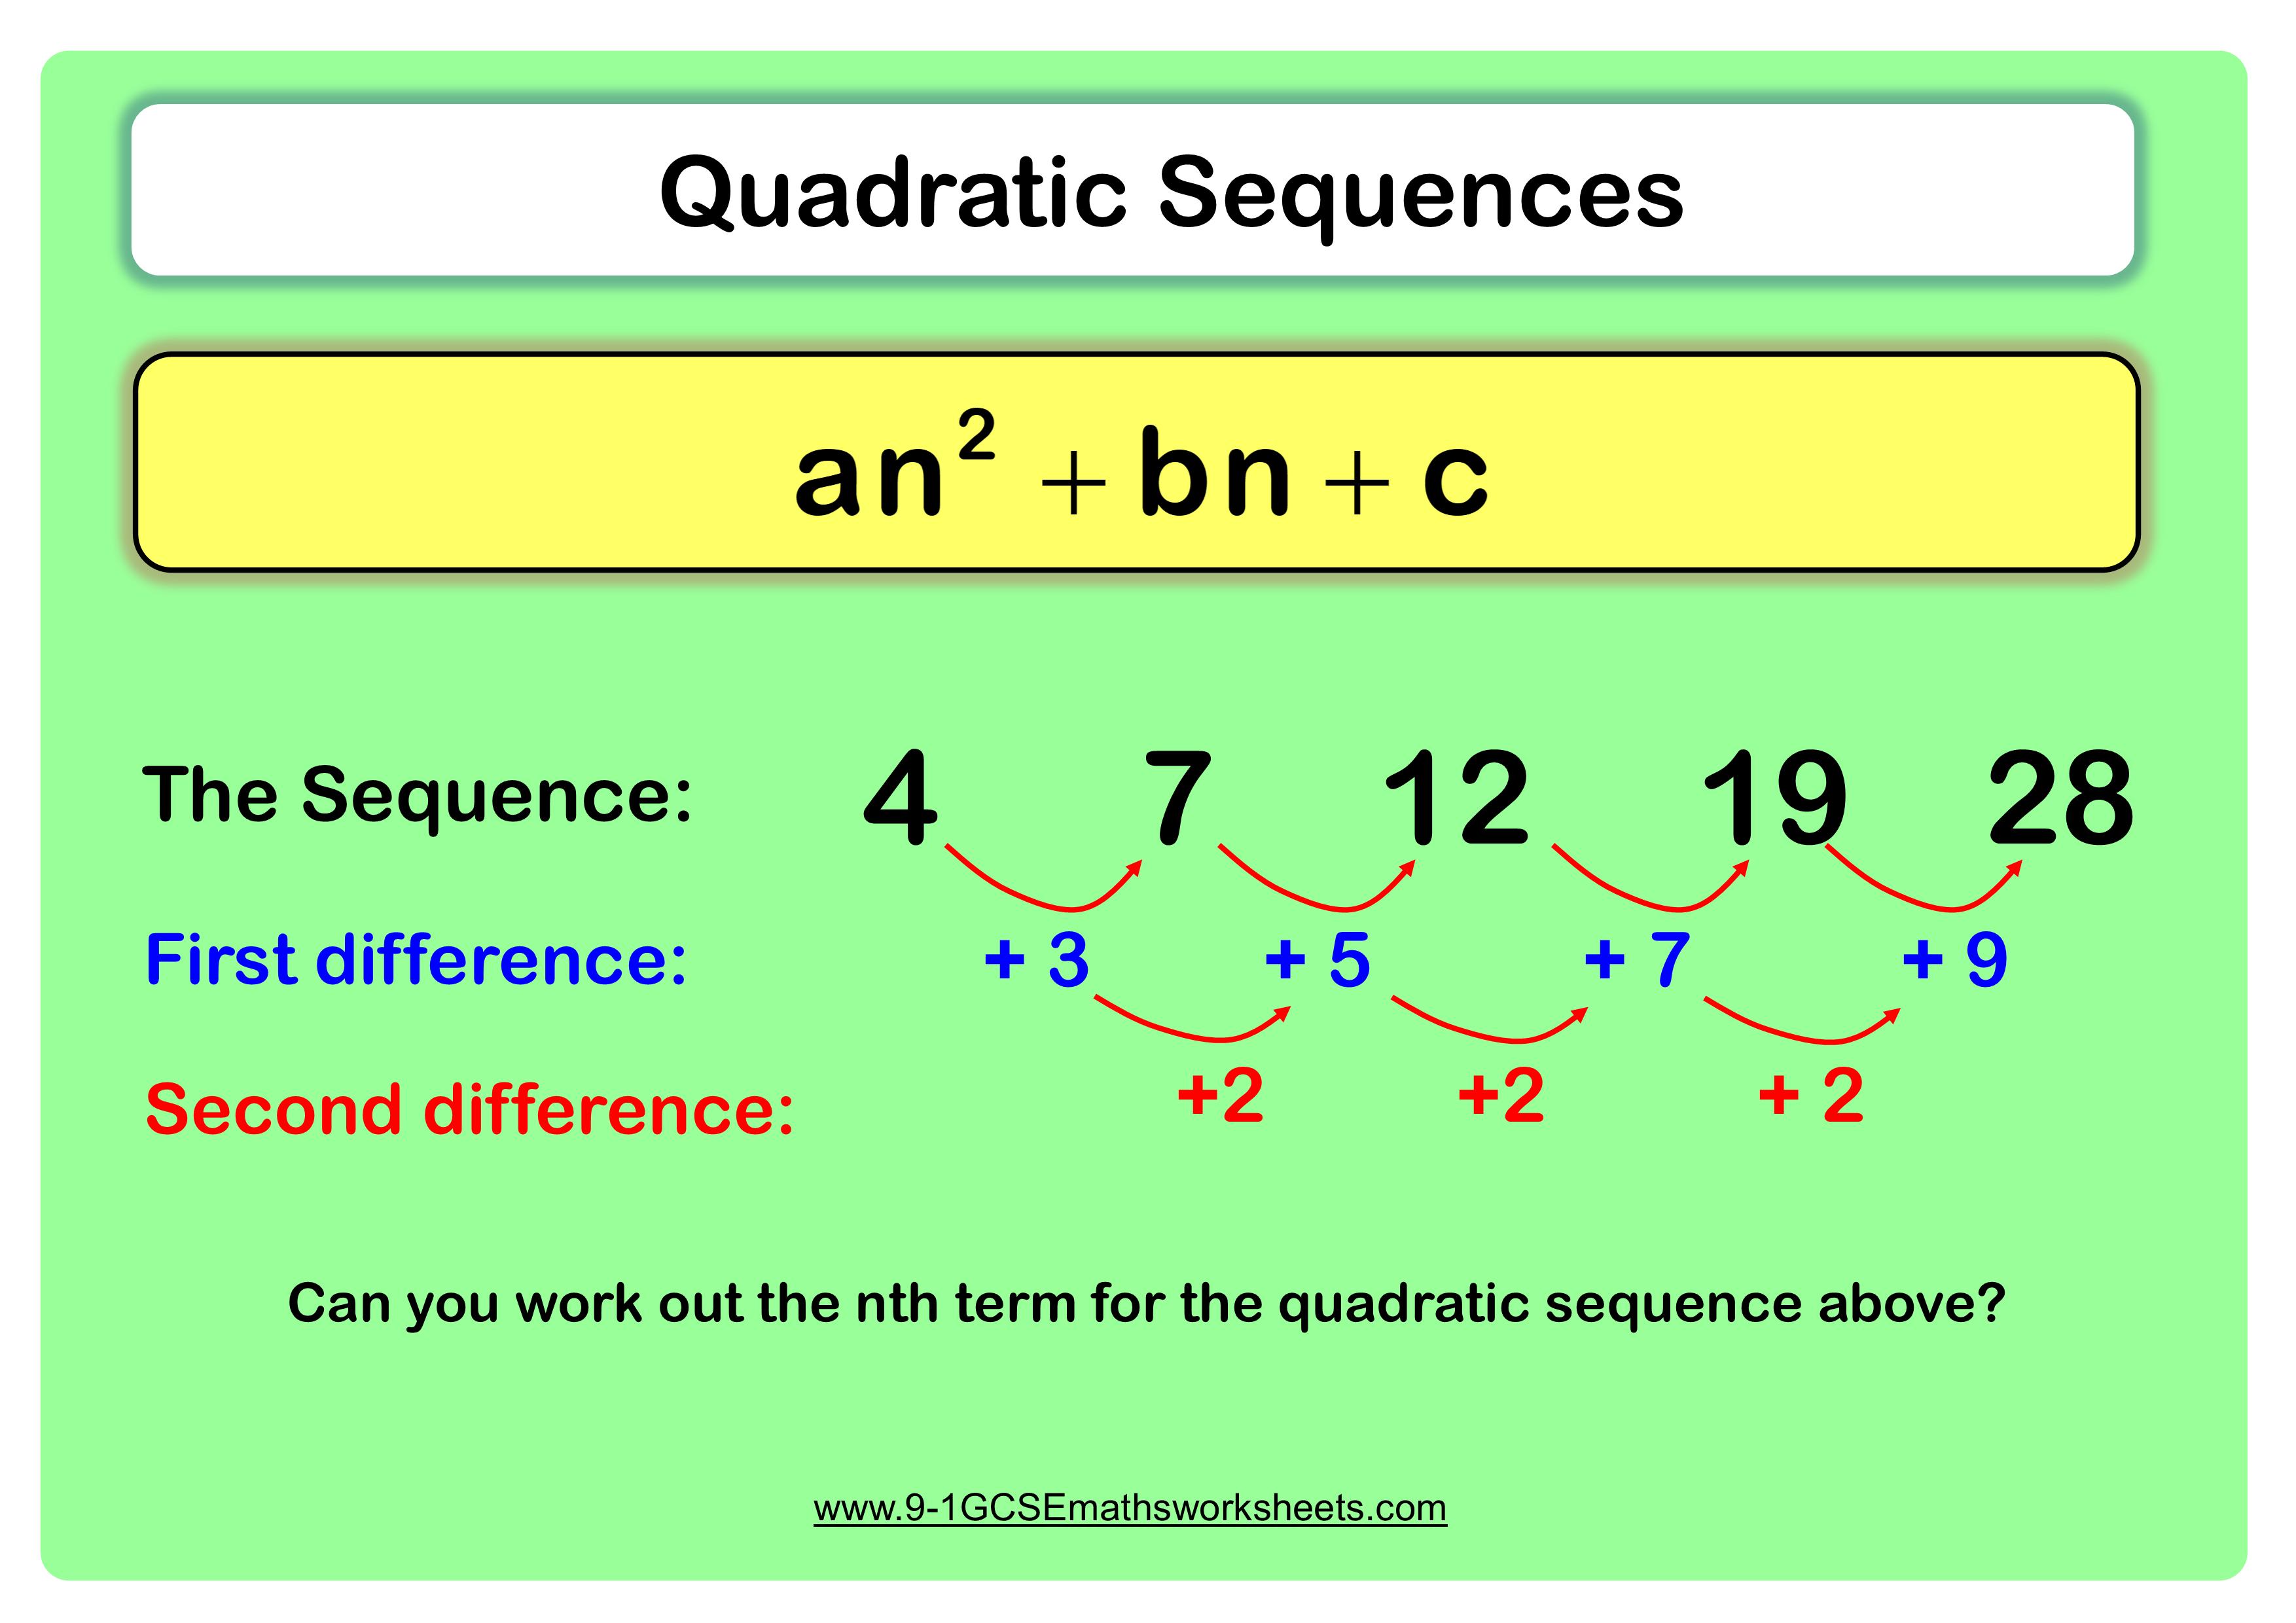 Quadratic Sequences Example